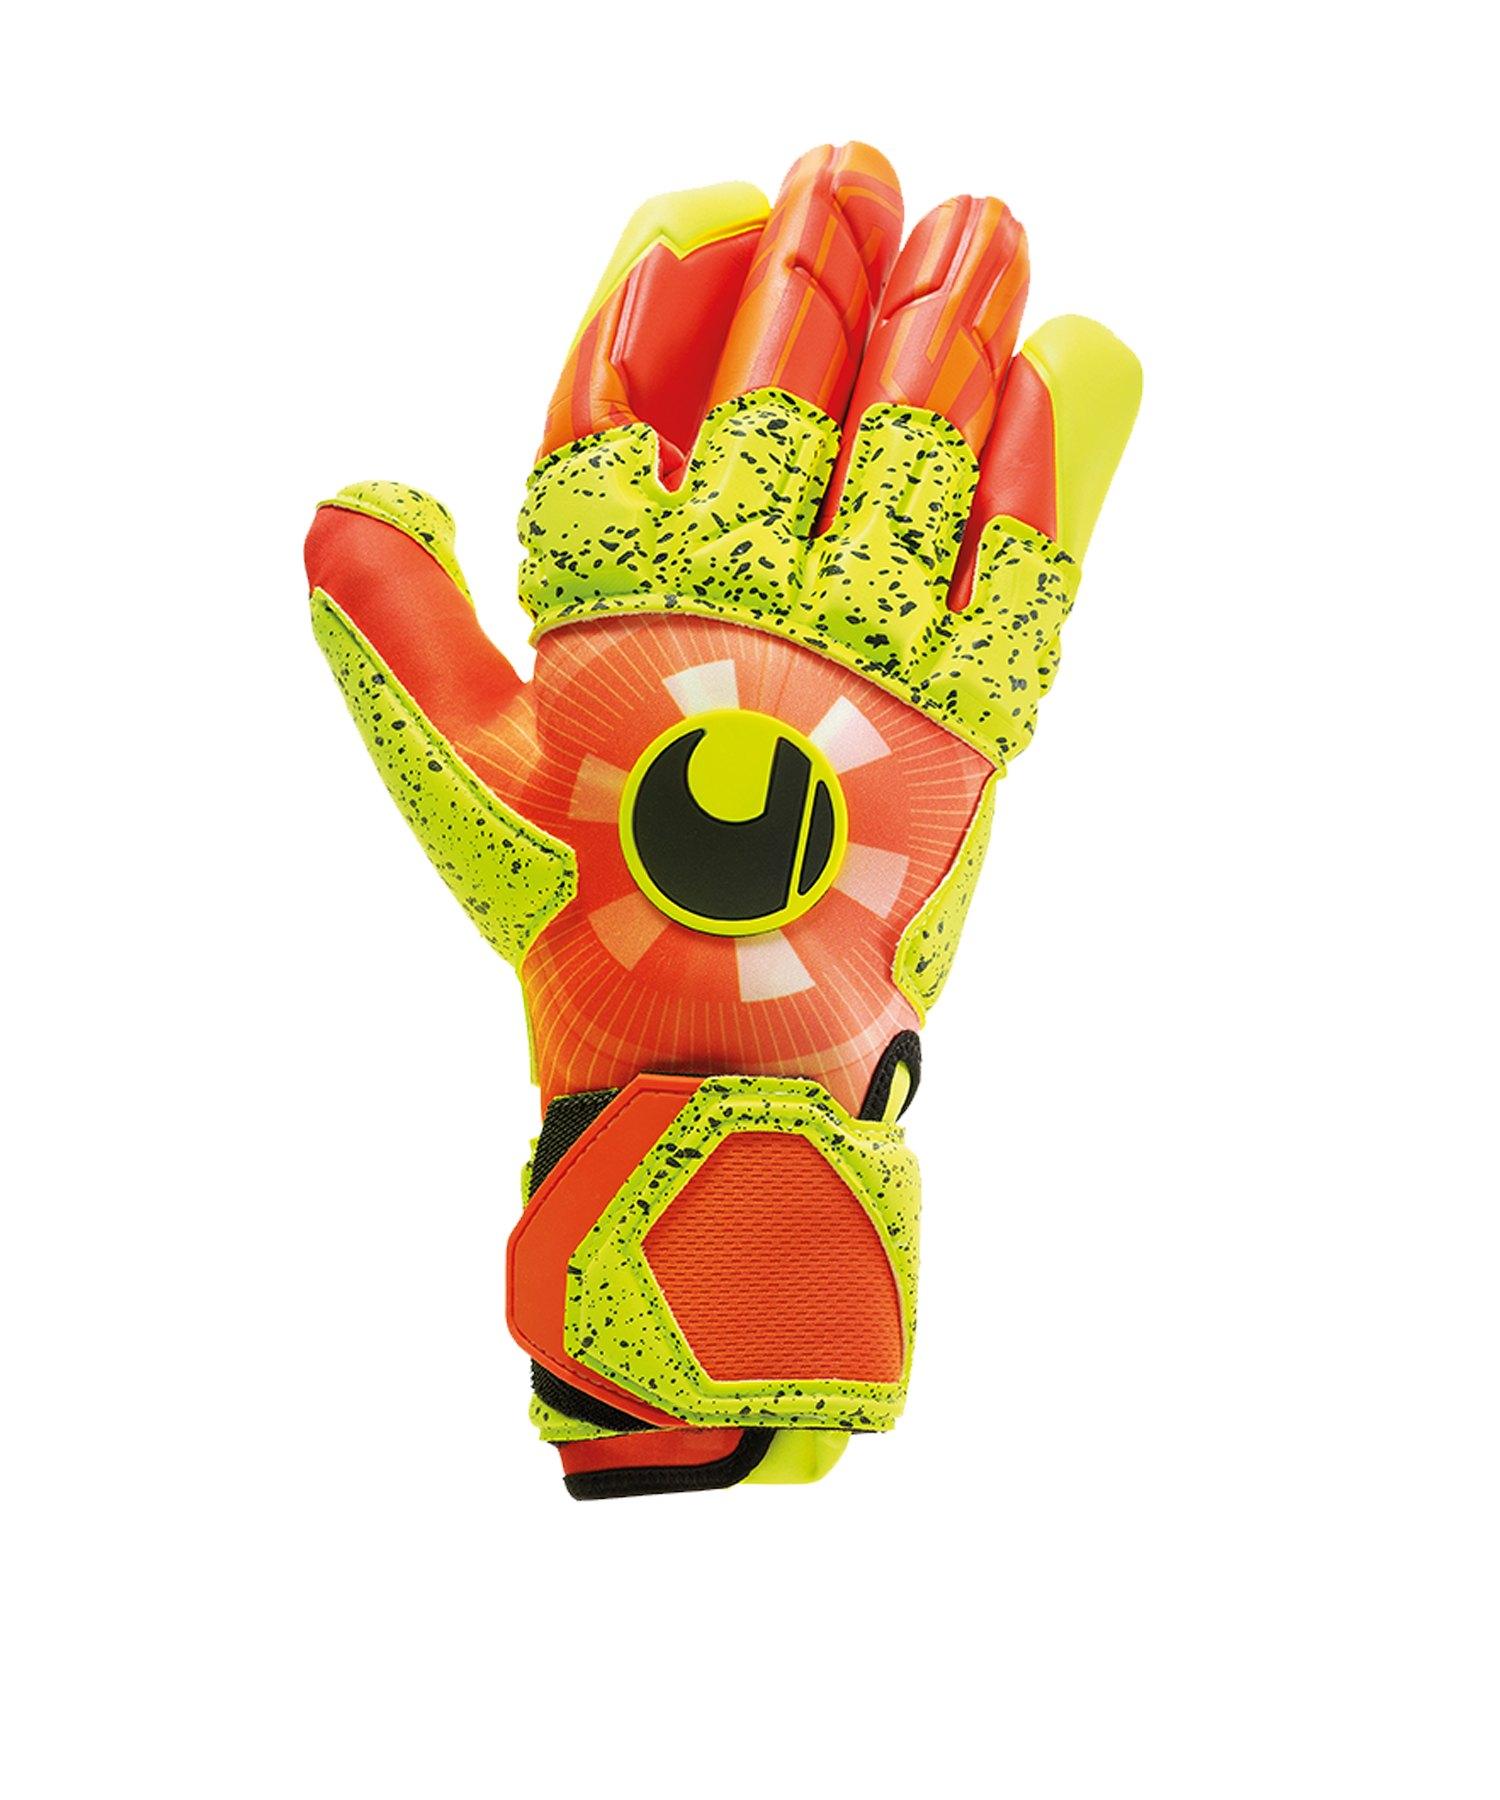 Uhlsport Dyn.Impulse SG Reflex TW-Handschuh F01 - orange